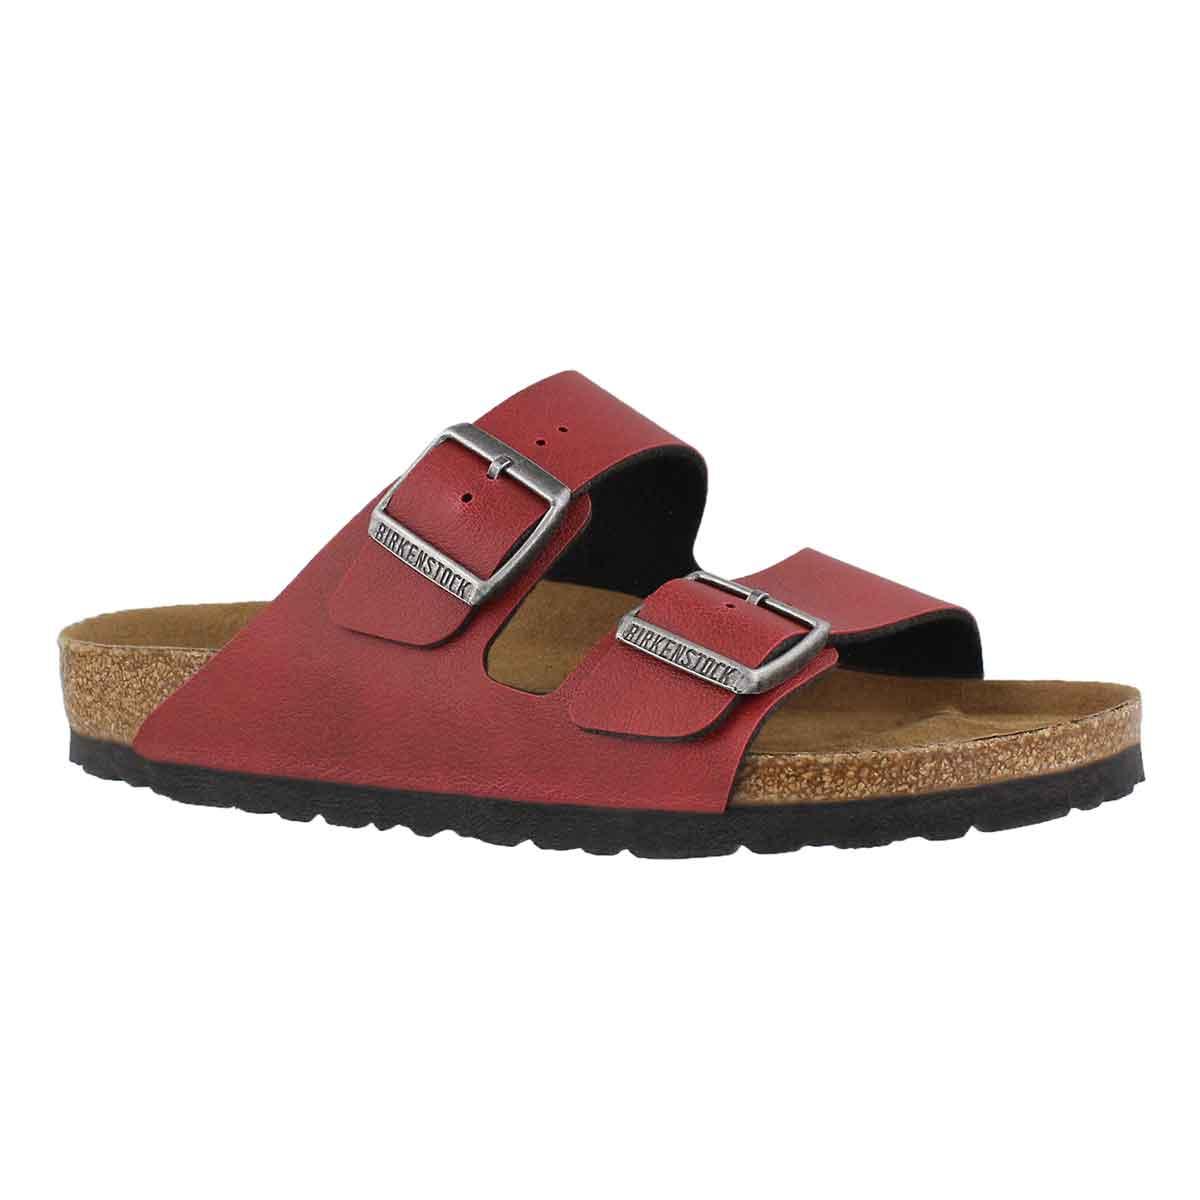 Women's ARIZONA VEGAN bordeaux slide sandals